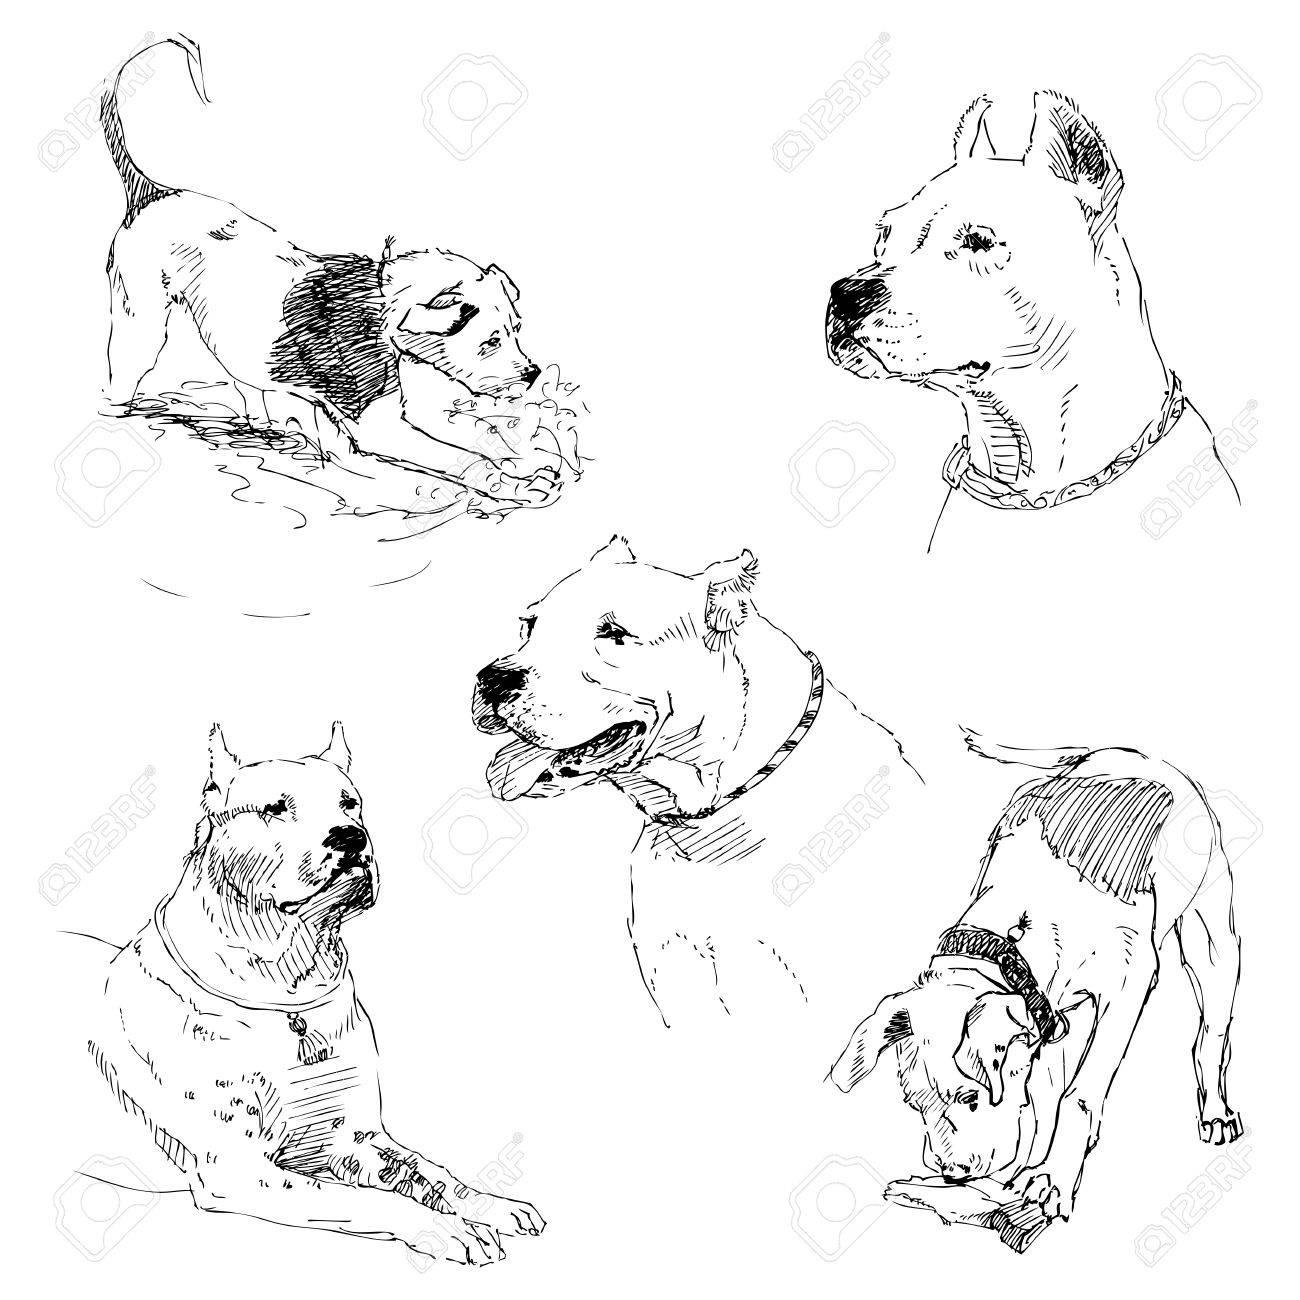 Chiot Dessin un ensemble de dessins de chien et de chiot adulte. très détaillé